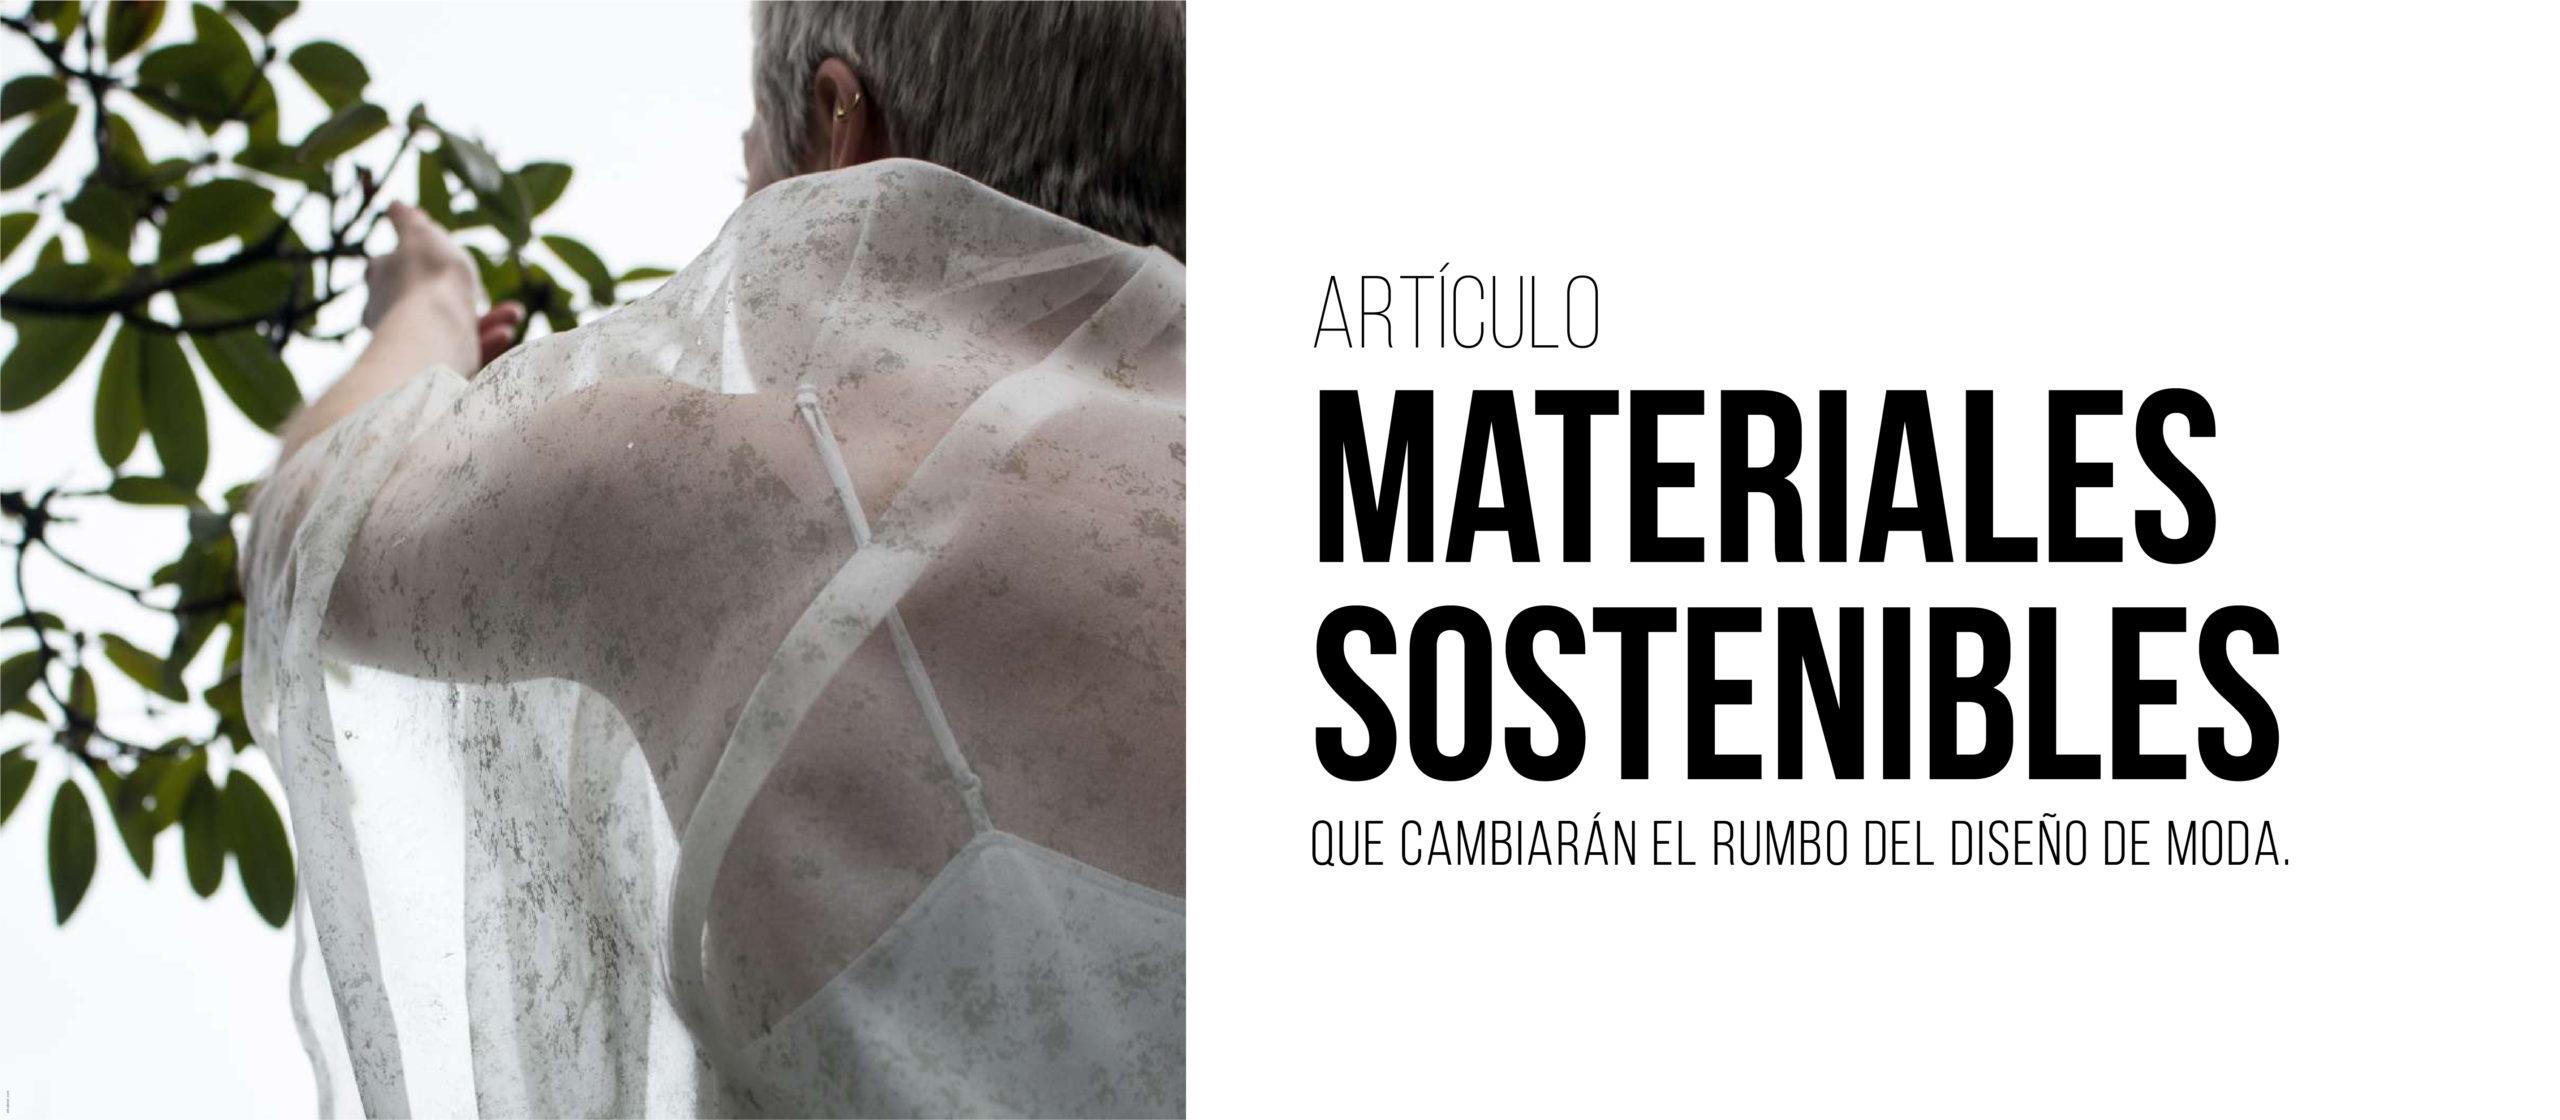 Materiales sostenibles que cambiarán el rumbo del diseño de moda.